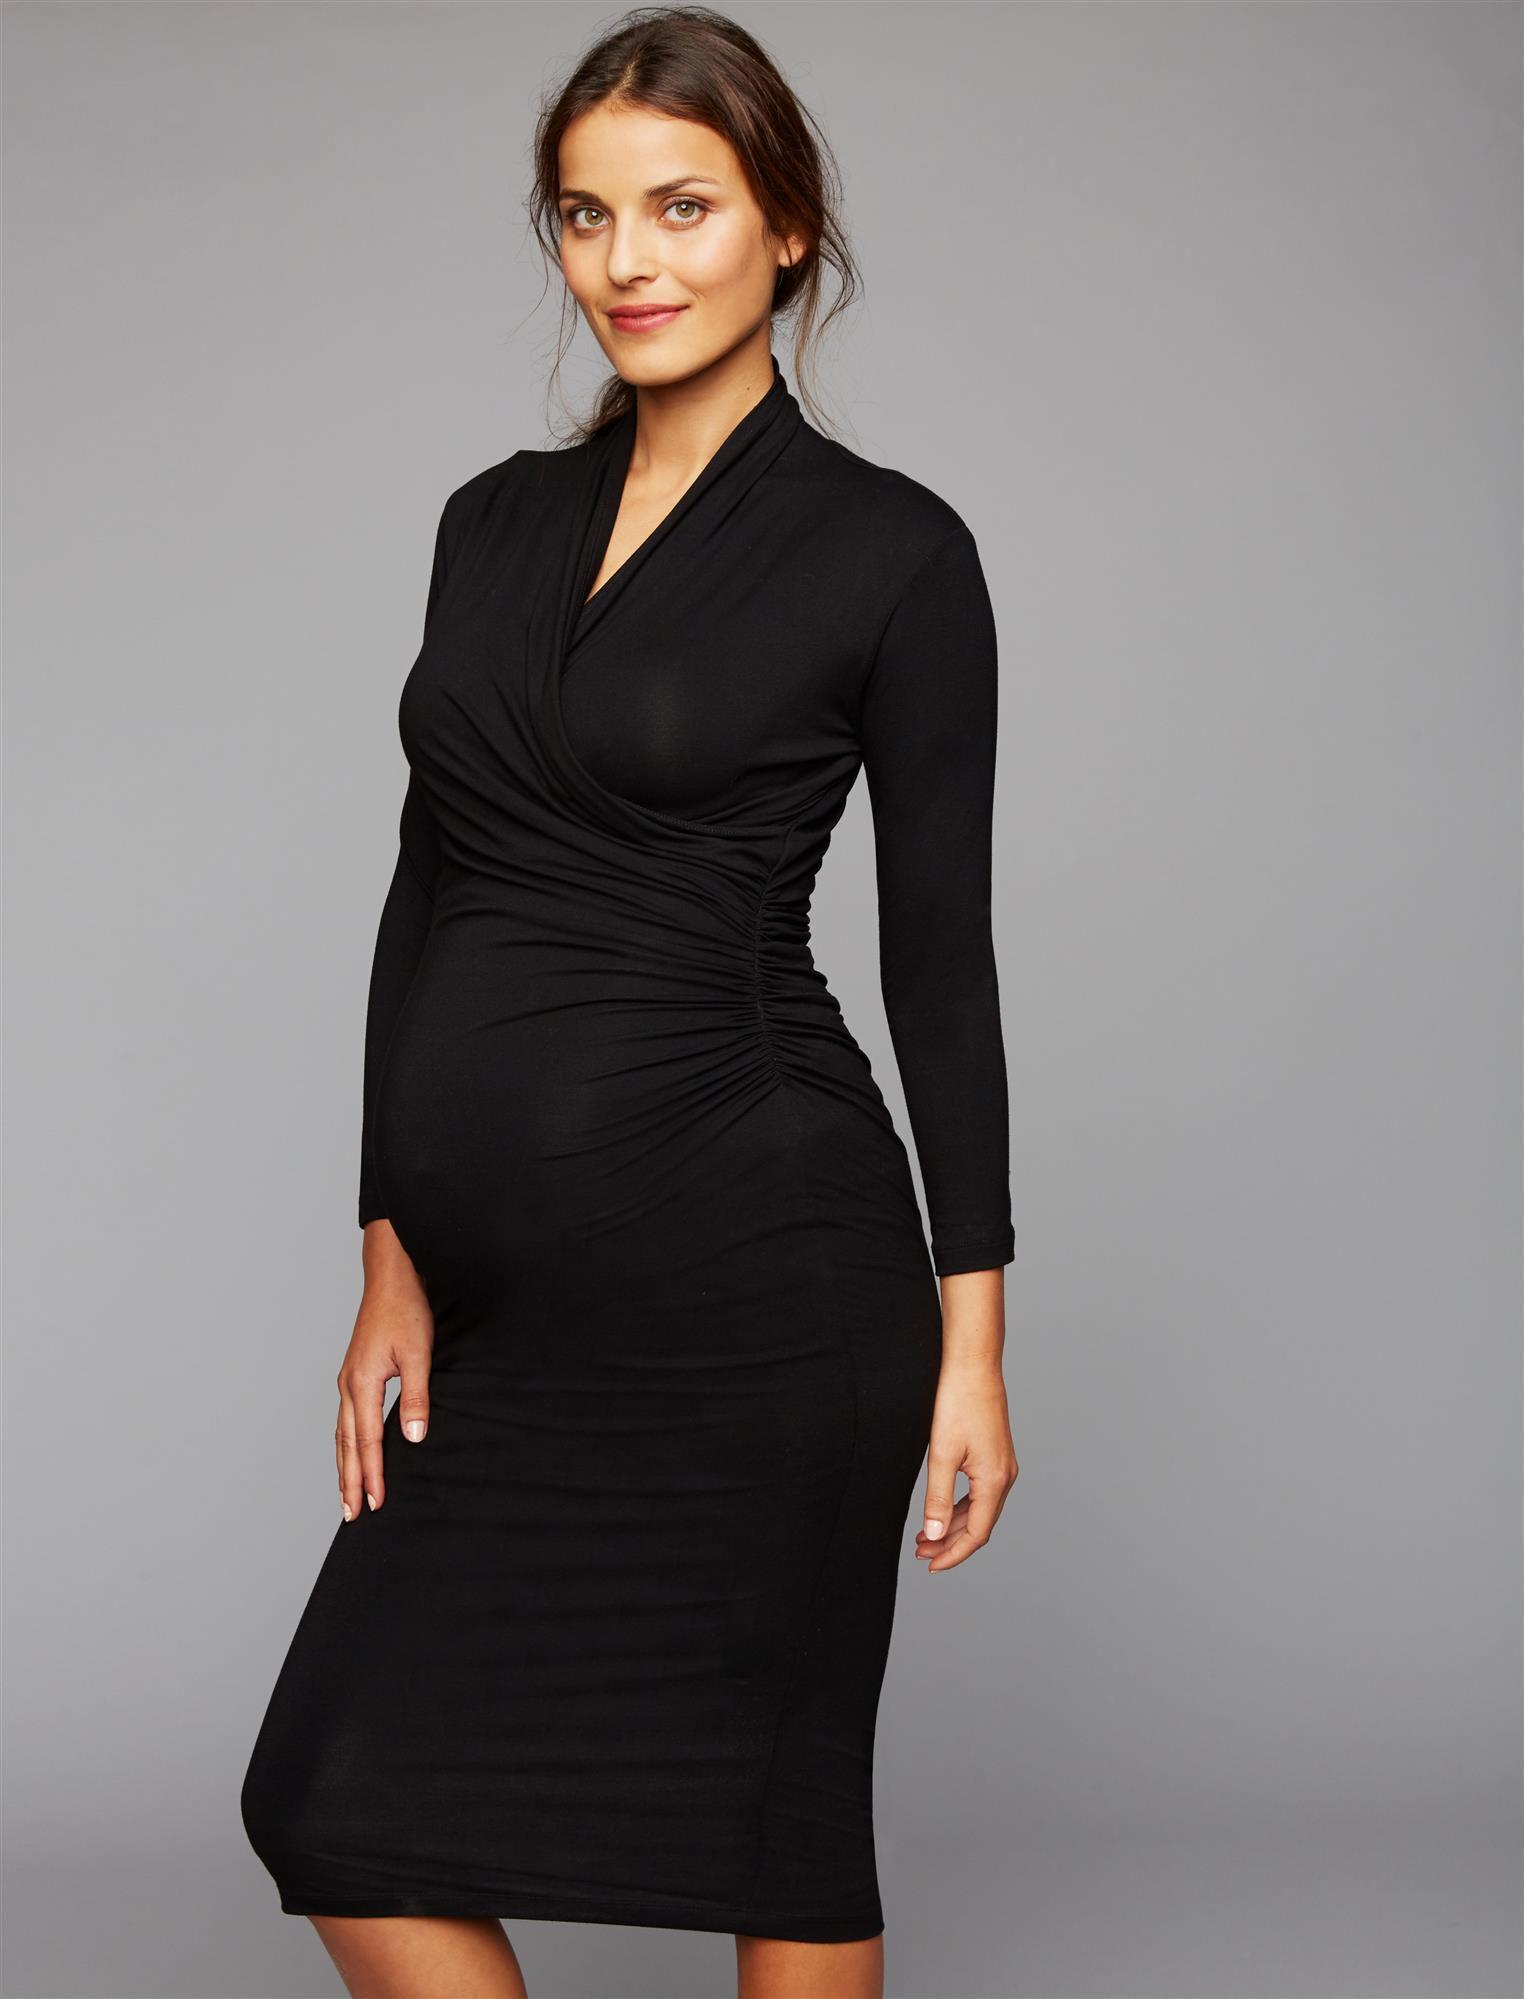 Vintage Style Maternity Clothes Isabella Oliver Balcome Maternity Dress- Black $195.00 AT vintagedancer.com